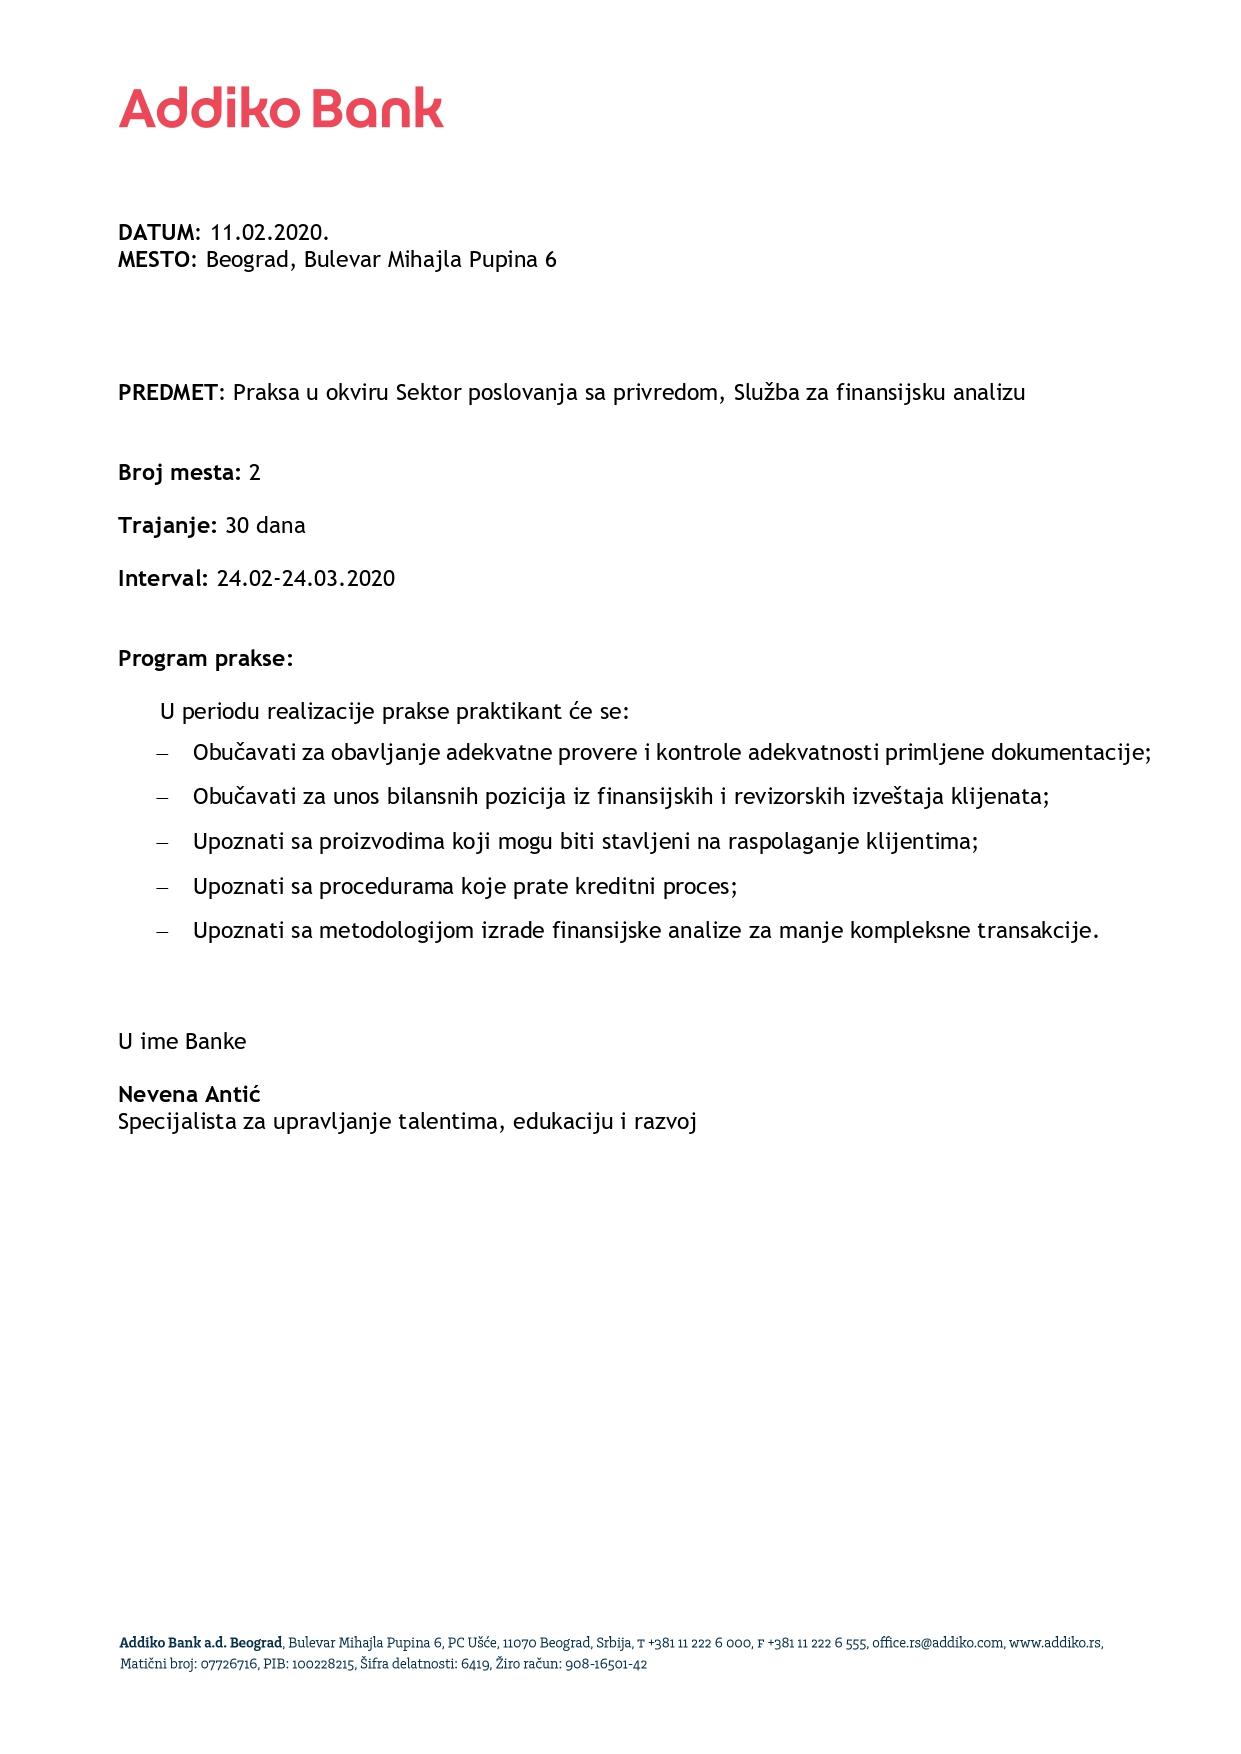 Praksa - Služba finansijske analize_page-0001